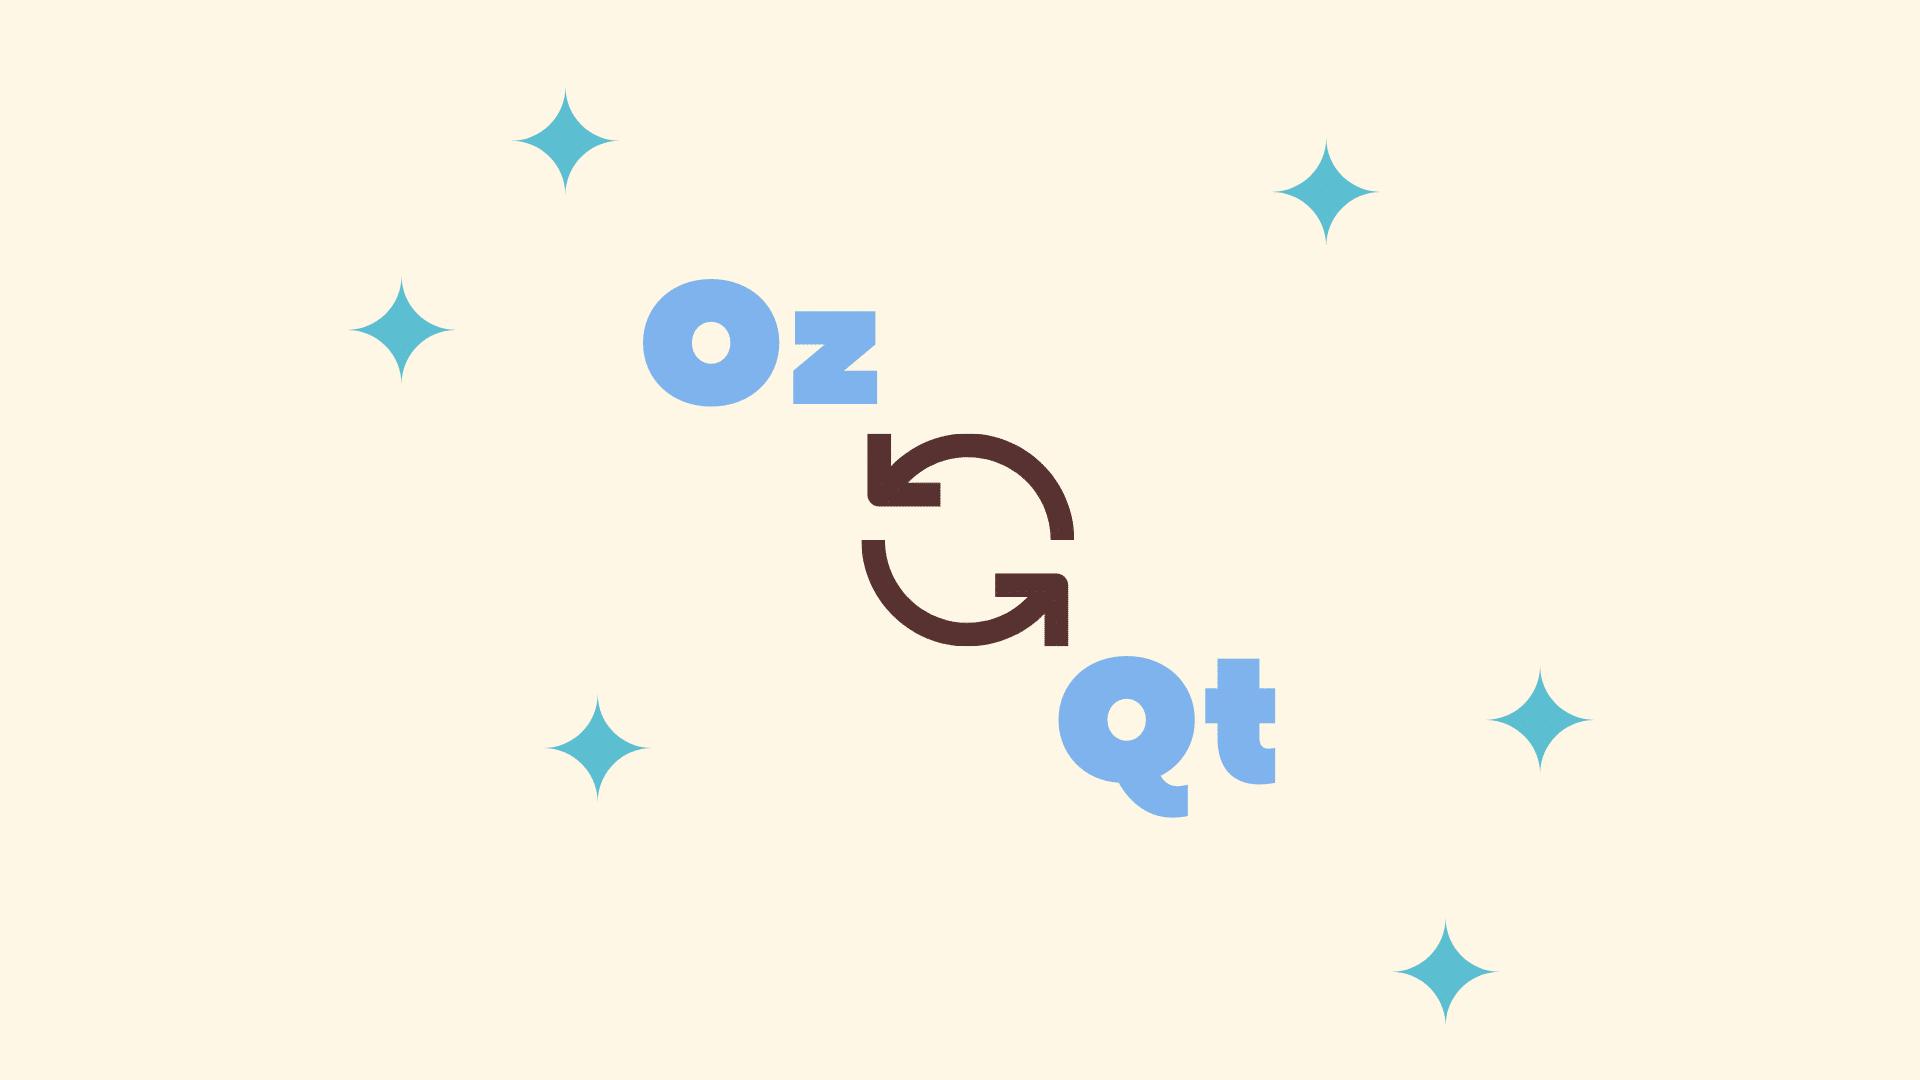 Ounces (Oz) to Quarts (Qt) Conversion